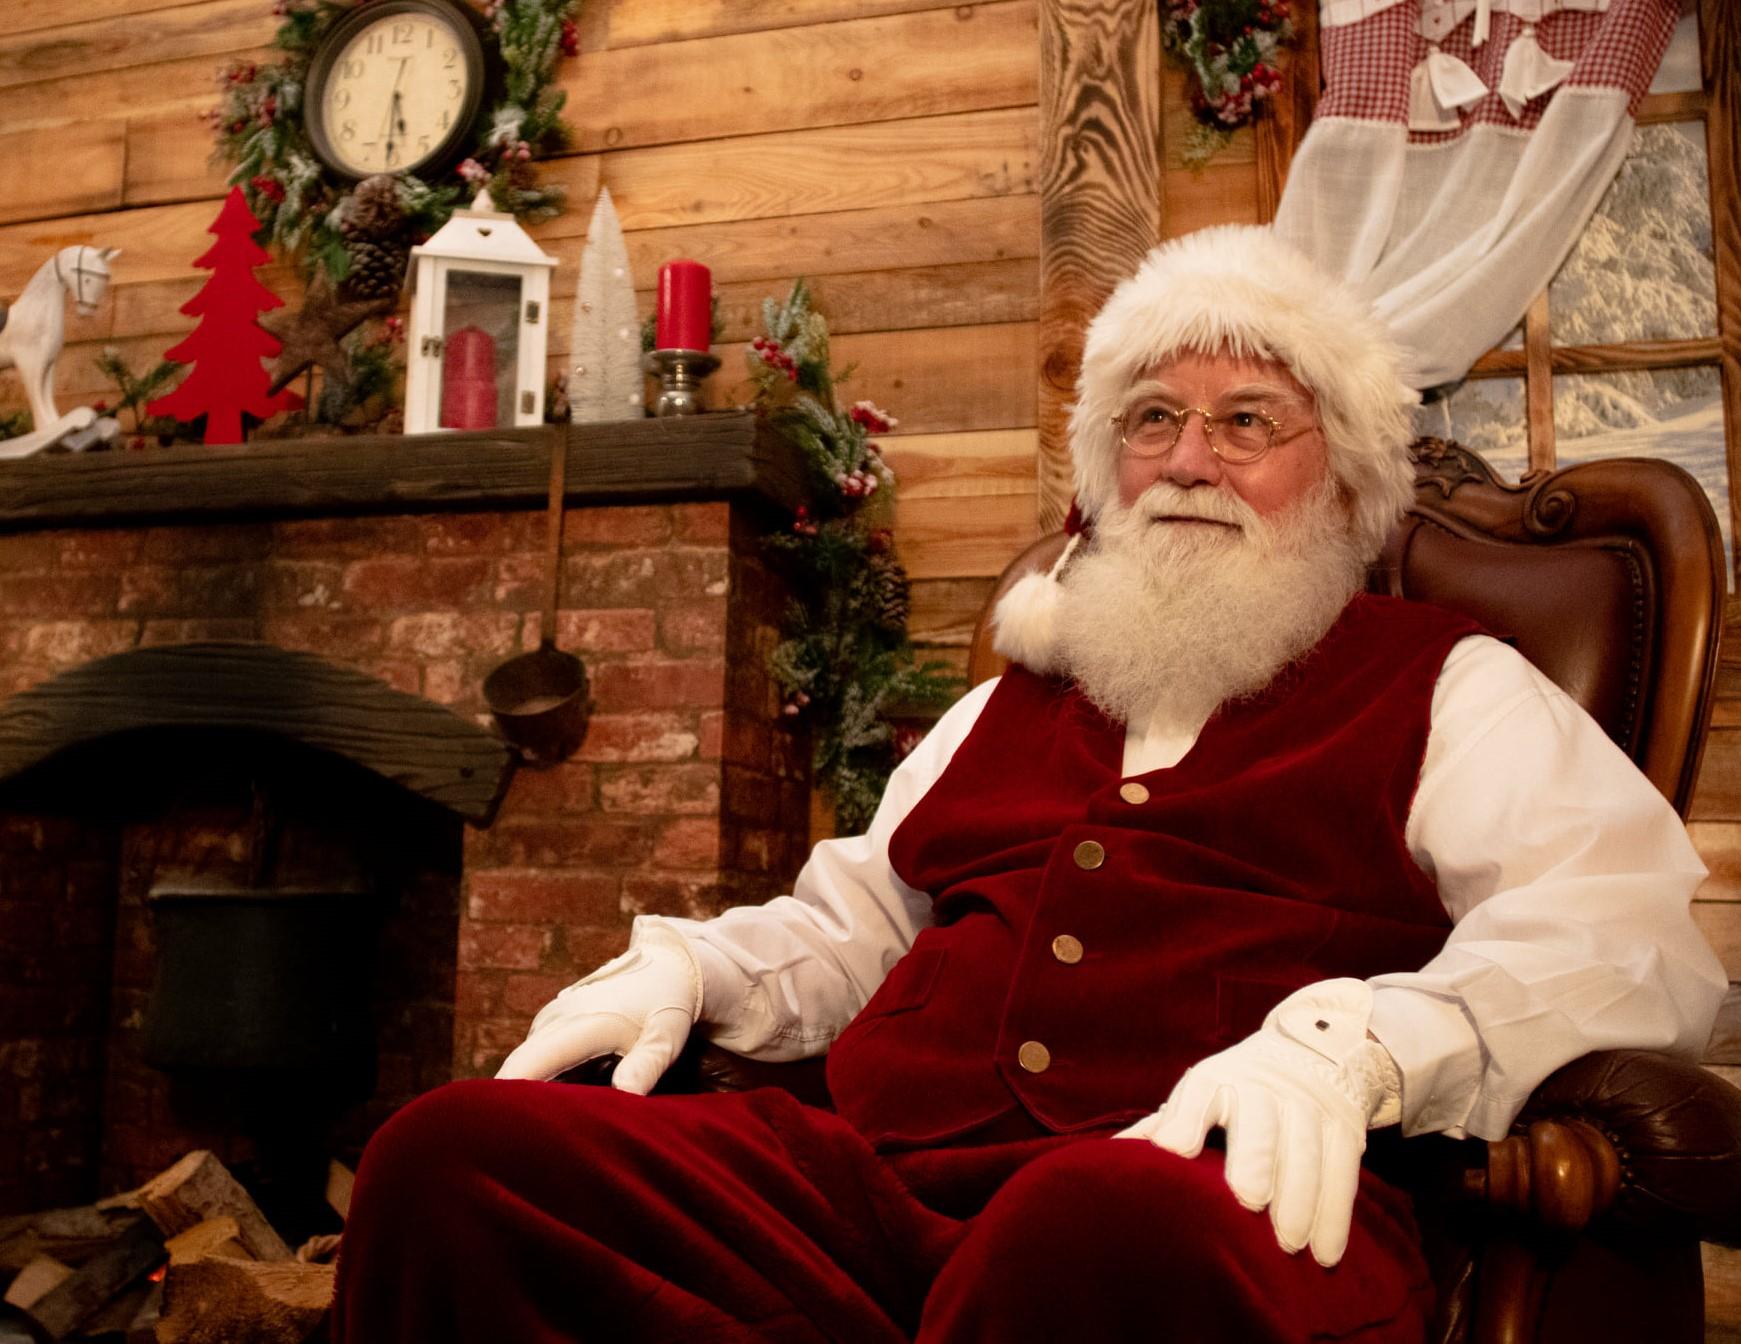 Il Babbo Natale.Video Messaggio Personalizzato Da Babbo Natale V E R O